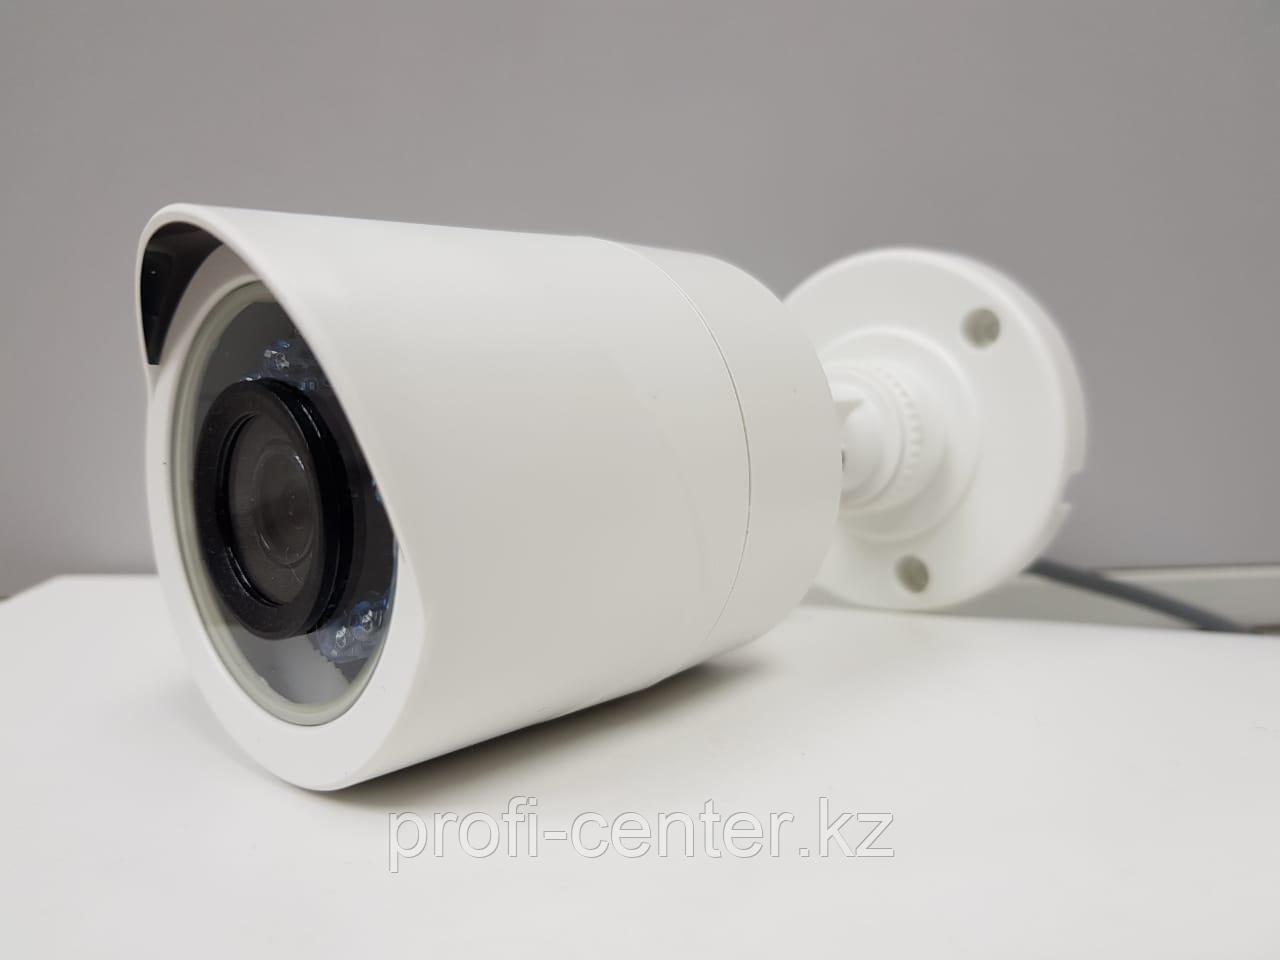 DS-T110 HD-TVI Цилиндрическая Камера 1мр ИК до 20м f2.8мм / 92.0° IP66 -40°C...+60°C